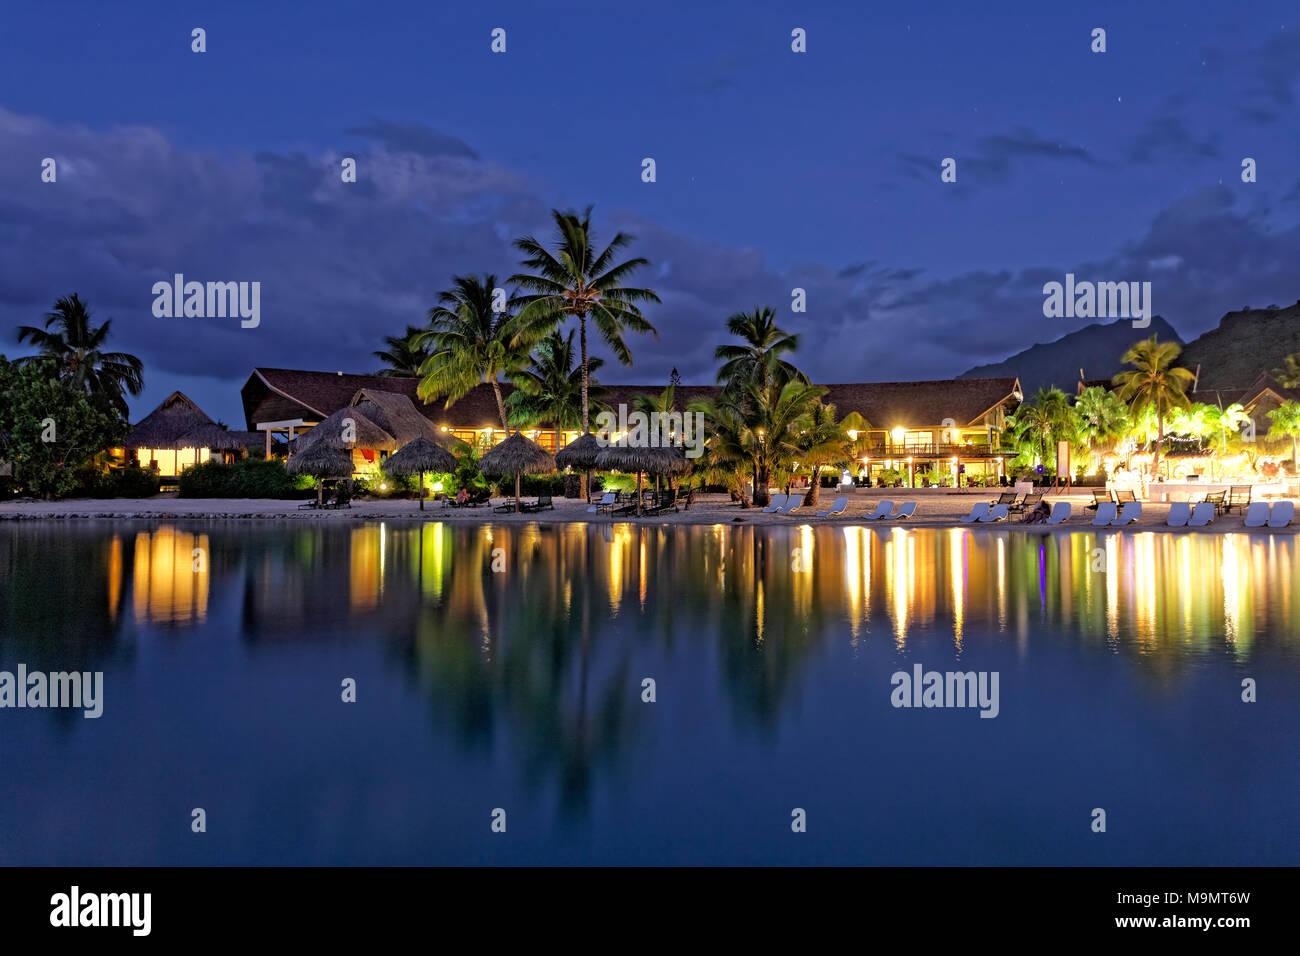 Sera complesso di hotel, hotel di lusso, Interconti Resort Moorea, isole della Società, Isole Sottovento, Oceano Pacifico Immagini Stock